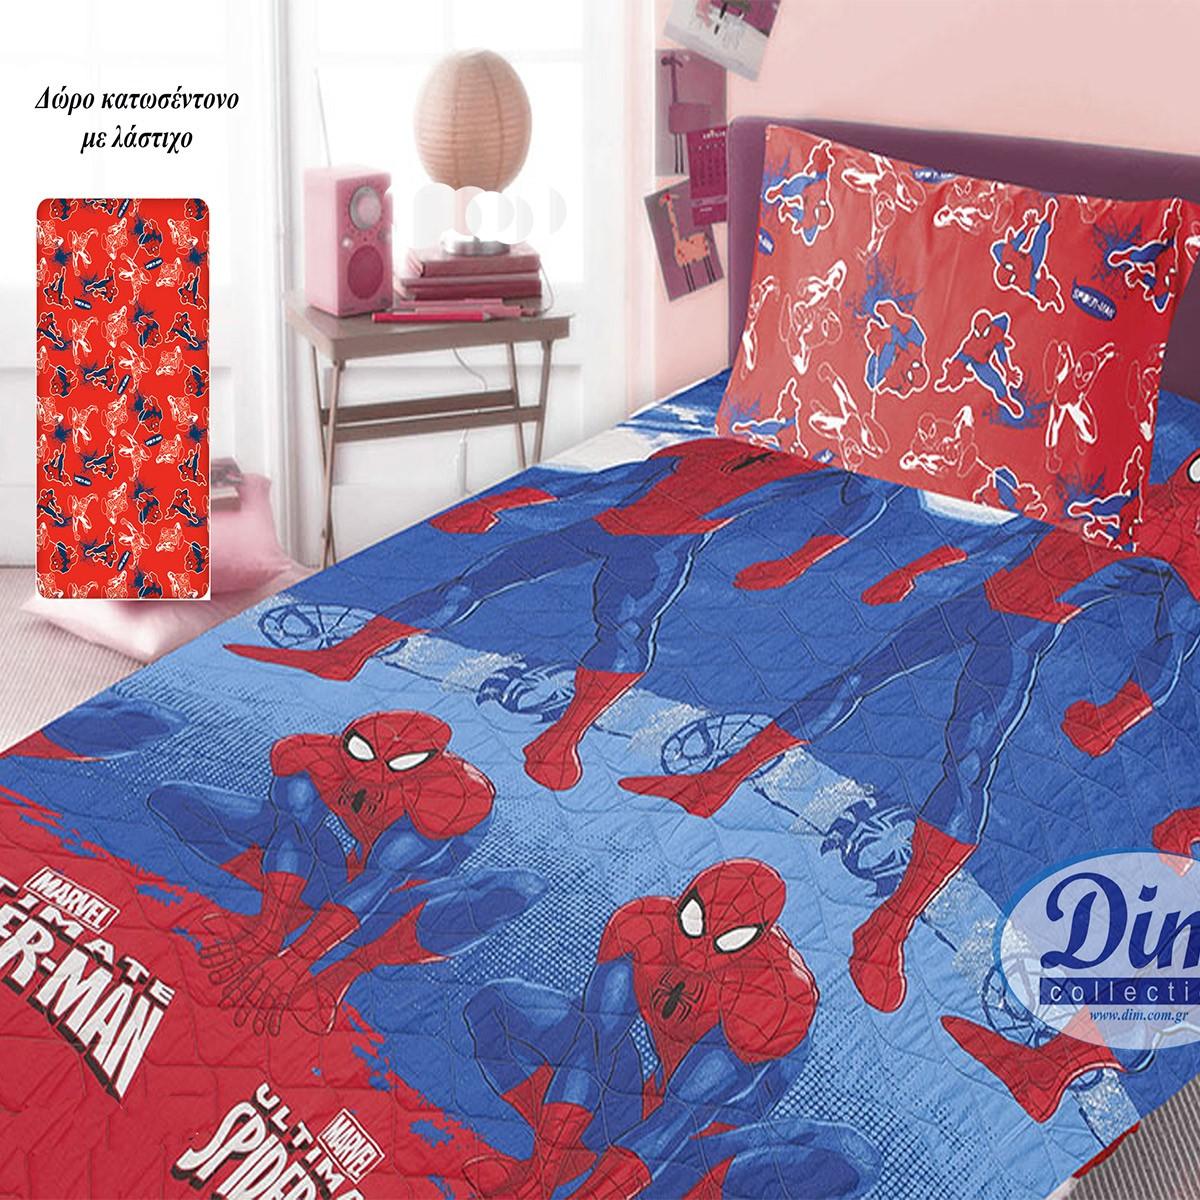 Κουβερλί Μονό (Σετ) Dim Collection Spiderman 740